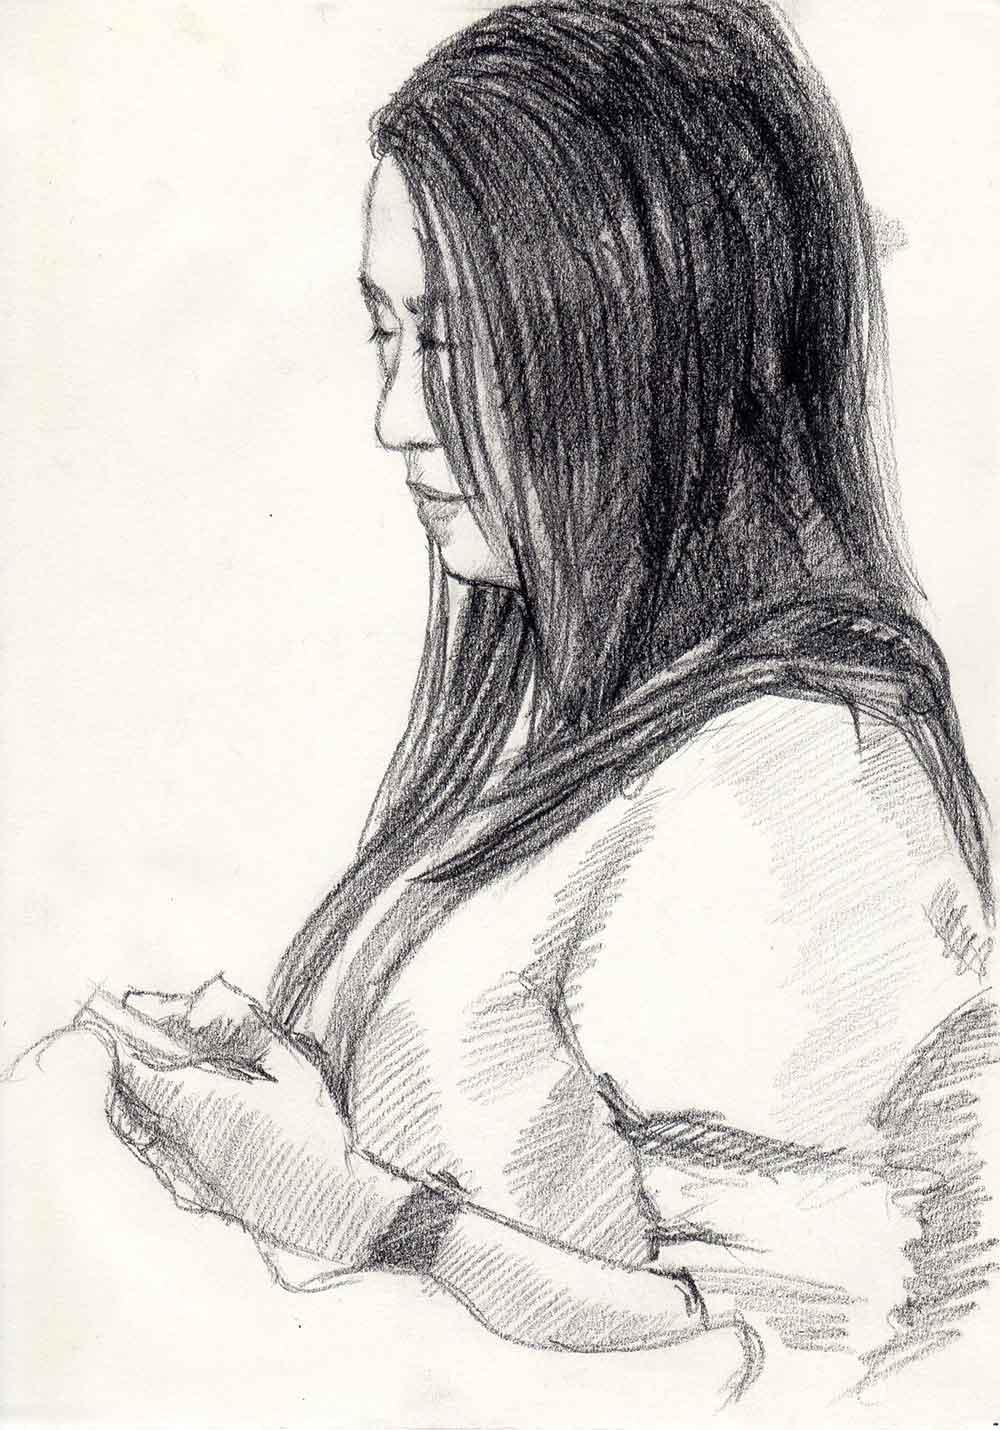 ภาพวาด-ภาพเหมือนผู้หญิง-ภาพวาดลายเส้น-วาดเส้น